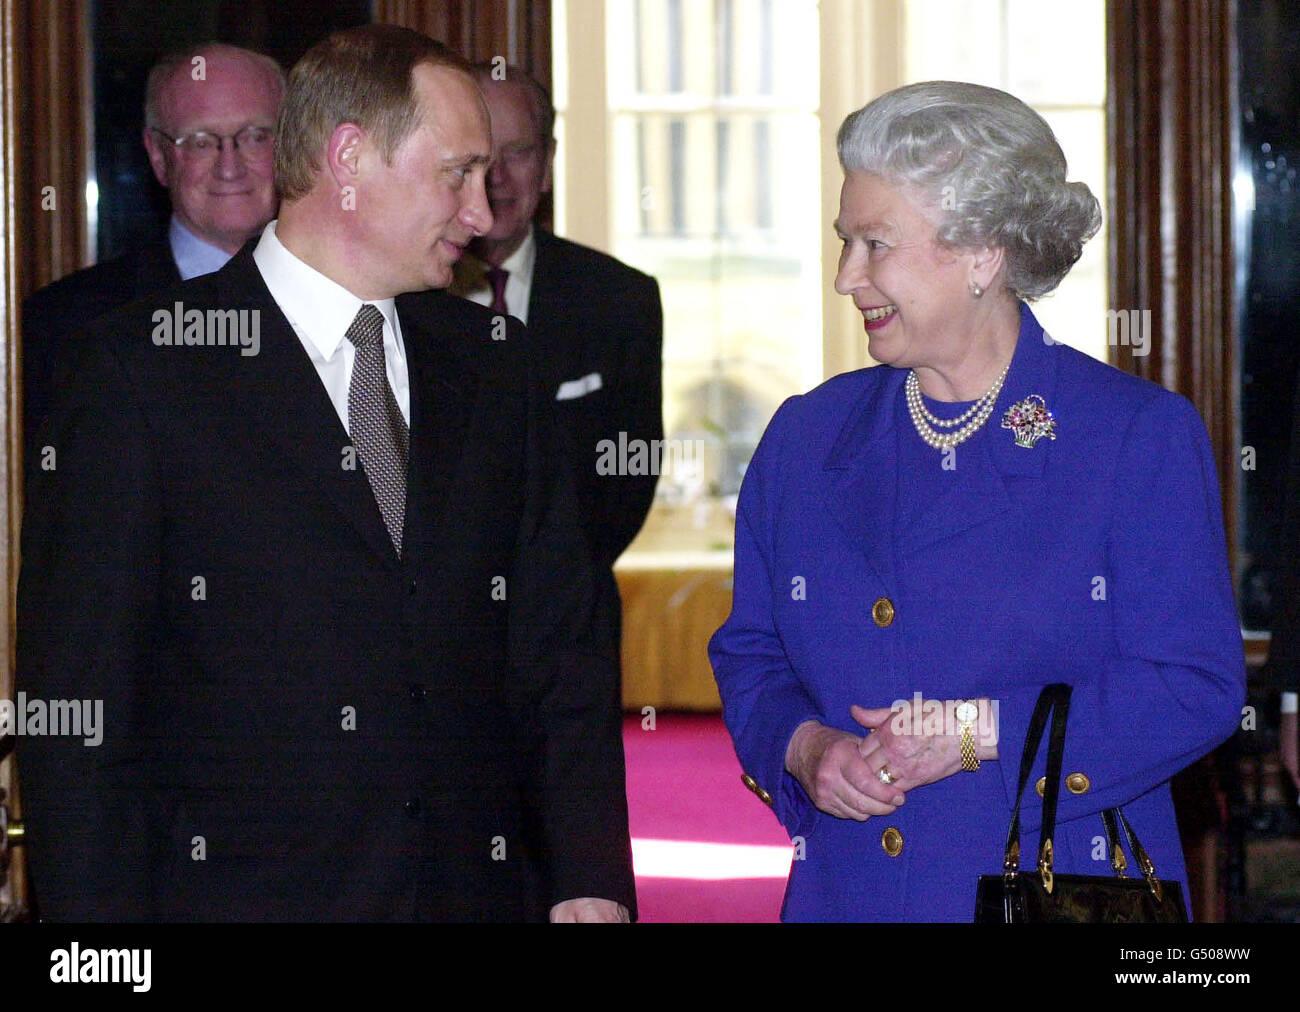 Putin visit Queen Windsor - Stock Image